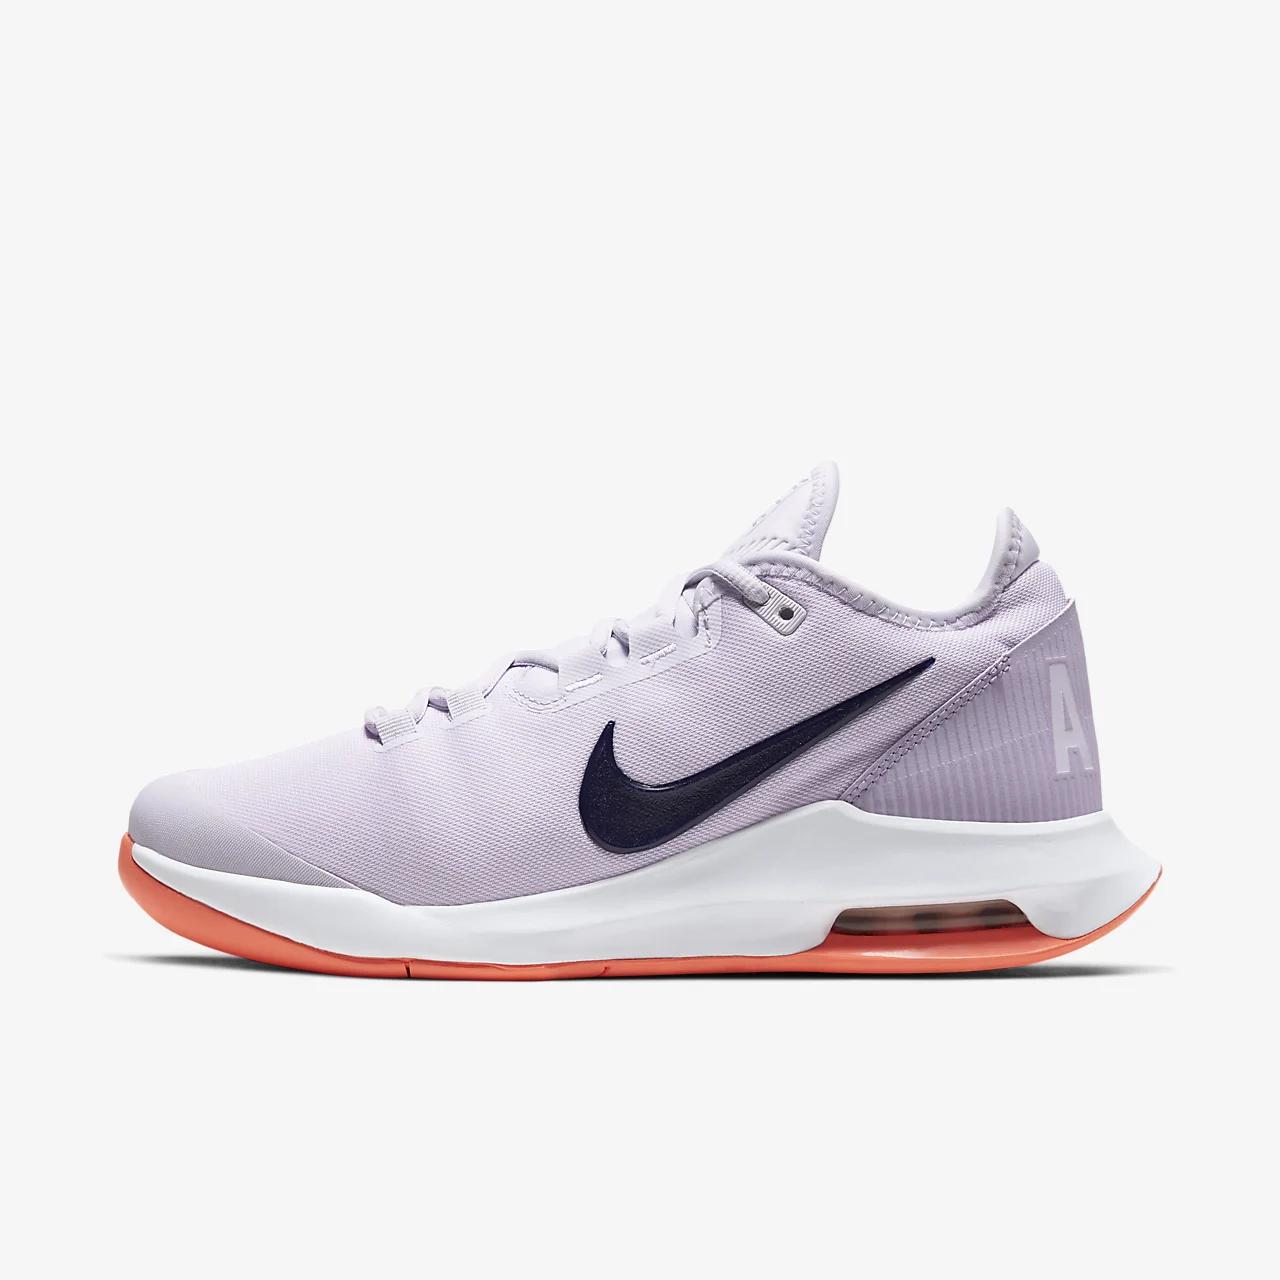 유럽직배송 나이키 NIKE NikeCourt Air Max Wildcard Women's Tennis Shoe AO7353-500